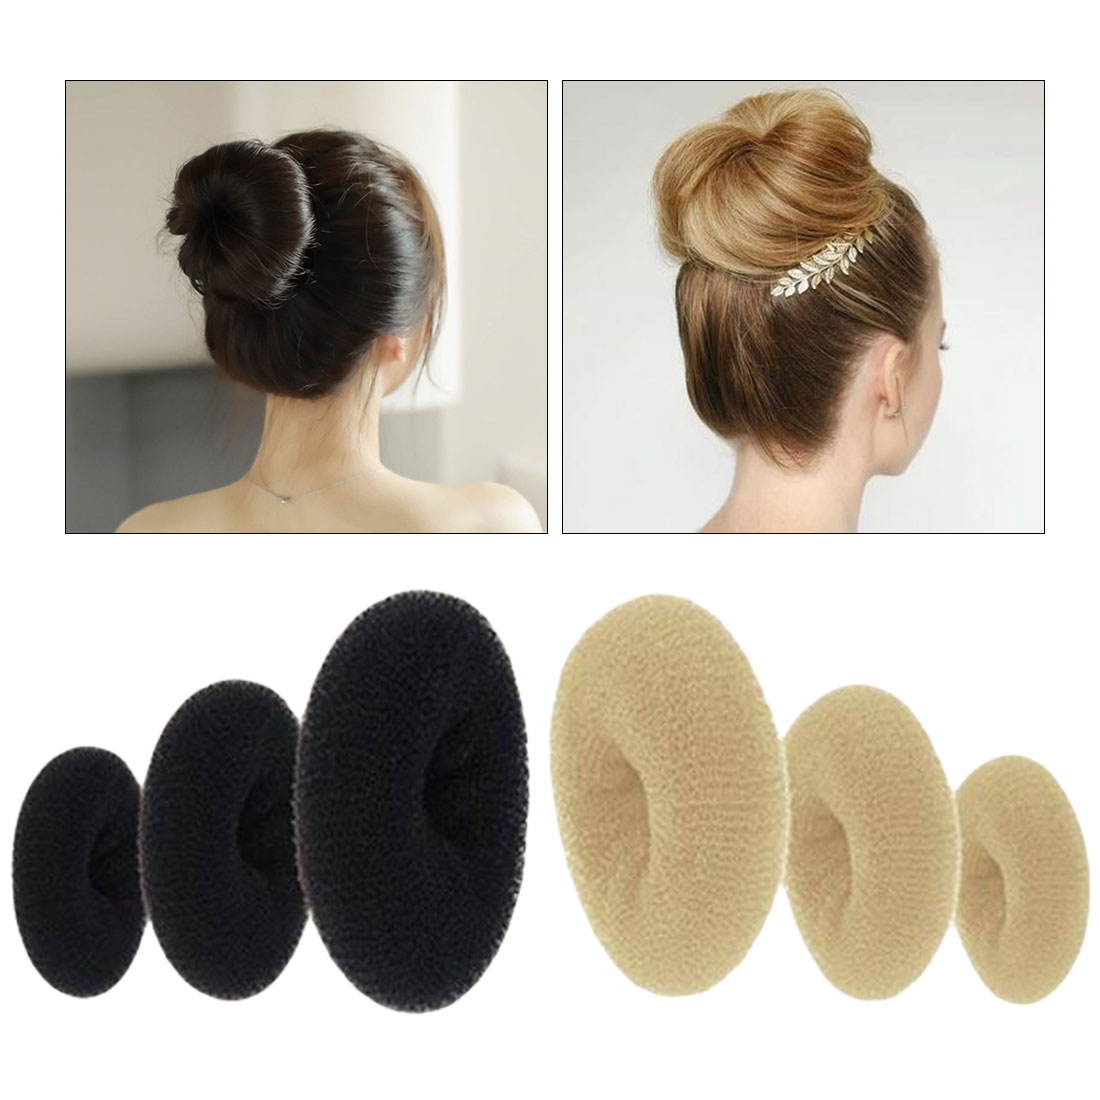 валик для волос как пользоваться с фото дагестане кроме